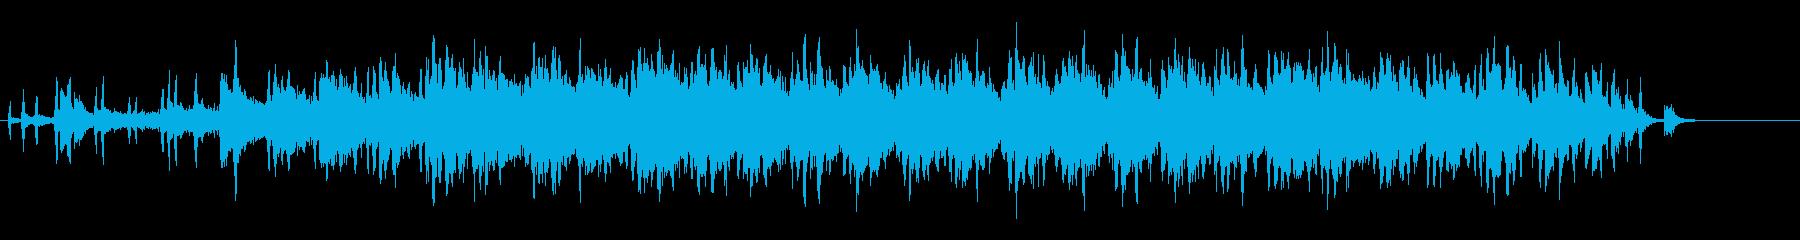 環境音楽水深1万メートル風の再生済みの波形